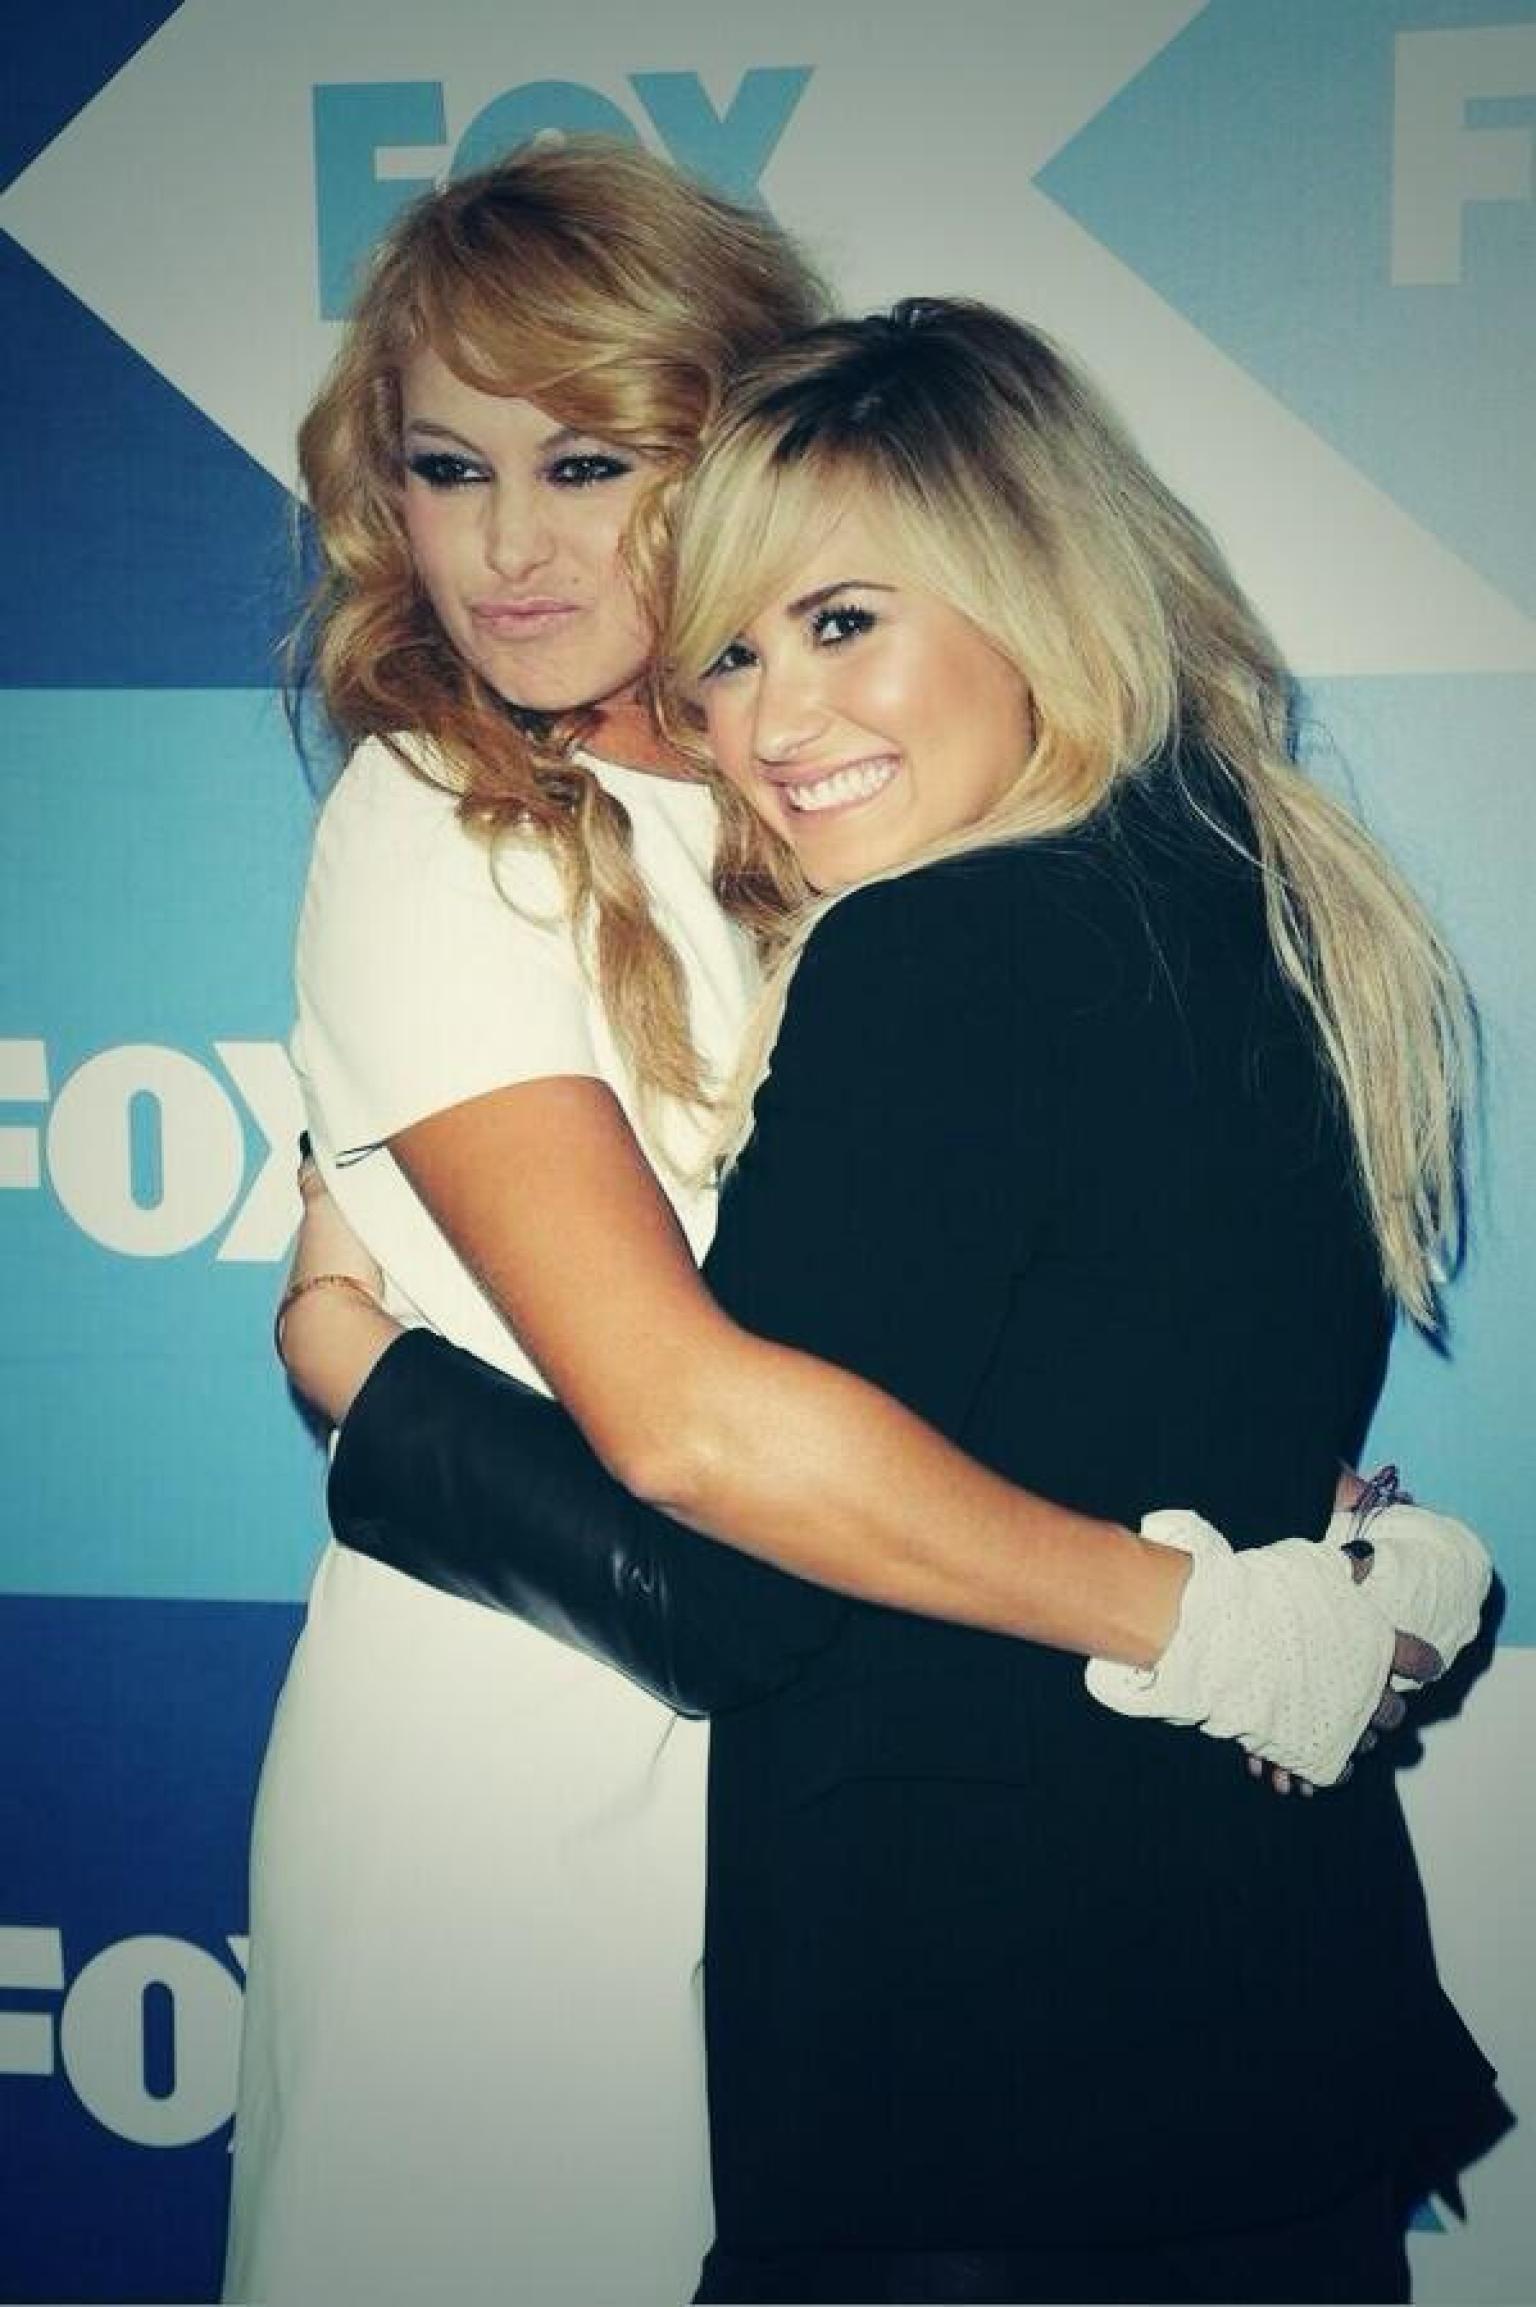 Photo of Paulina Rubio & her friend musician  Demi Lovato - Los Angeles